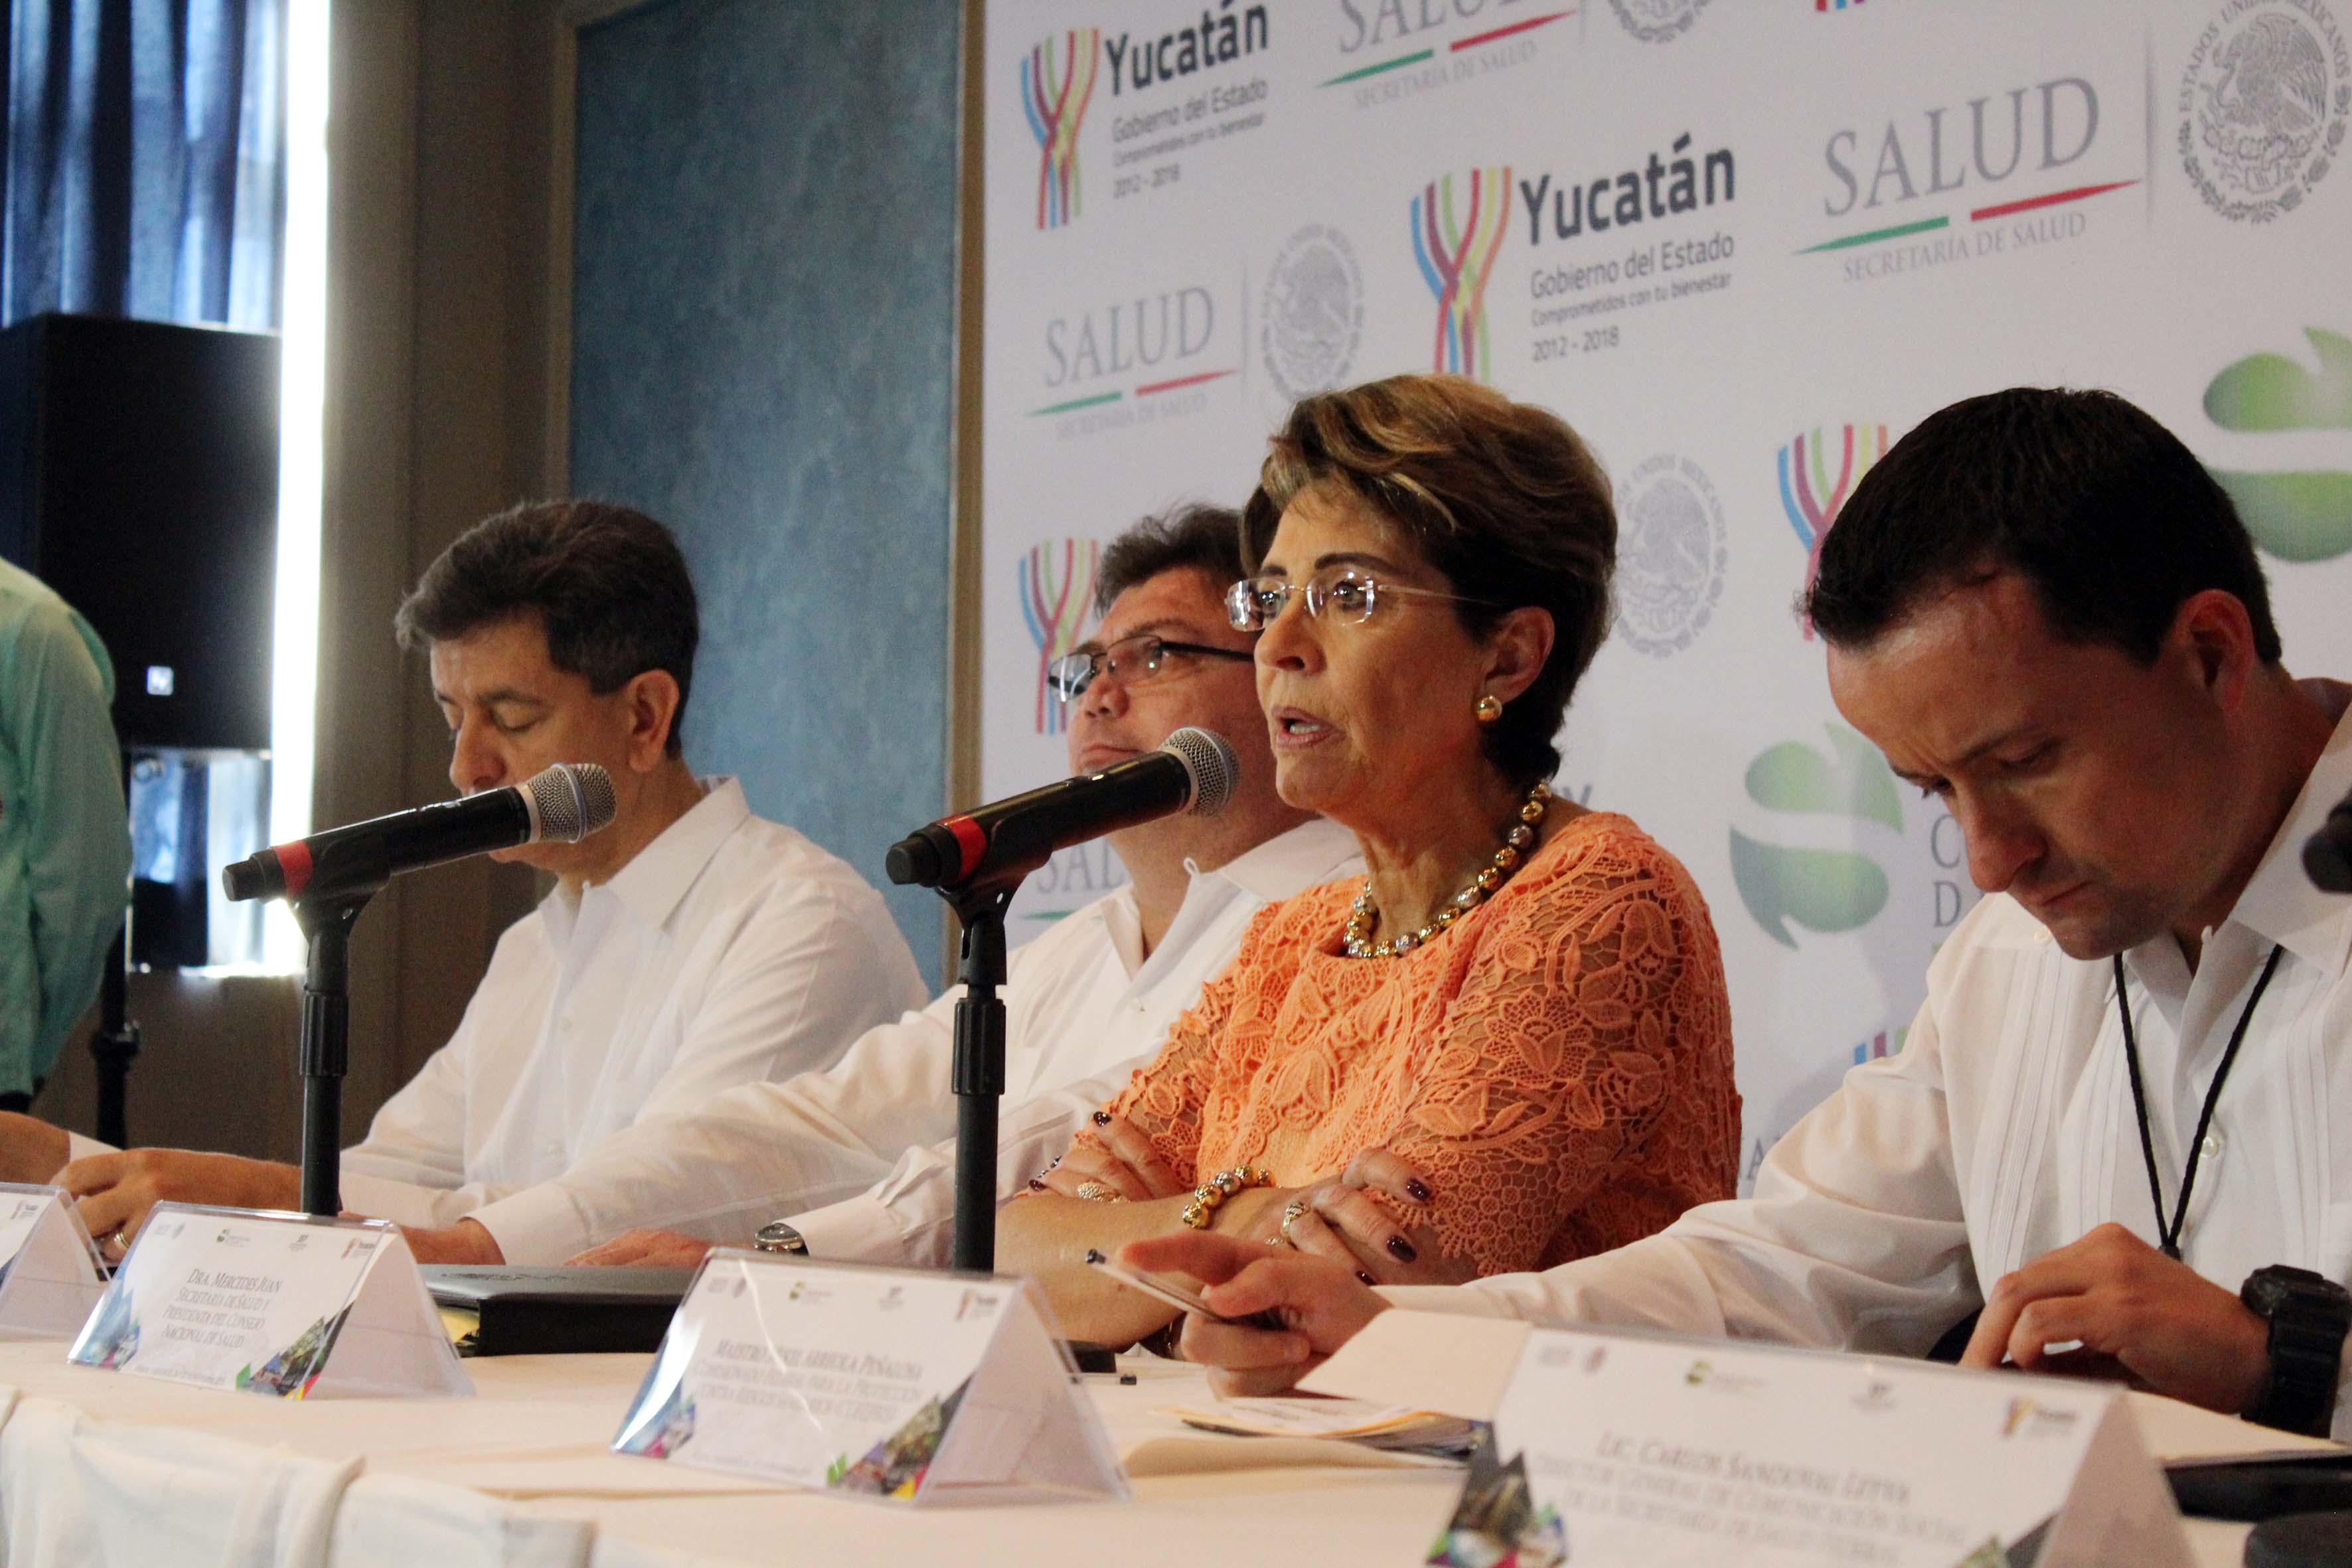 De sur a norte, el zika ya está en México